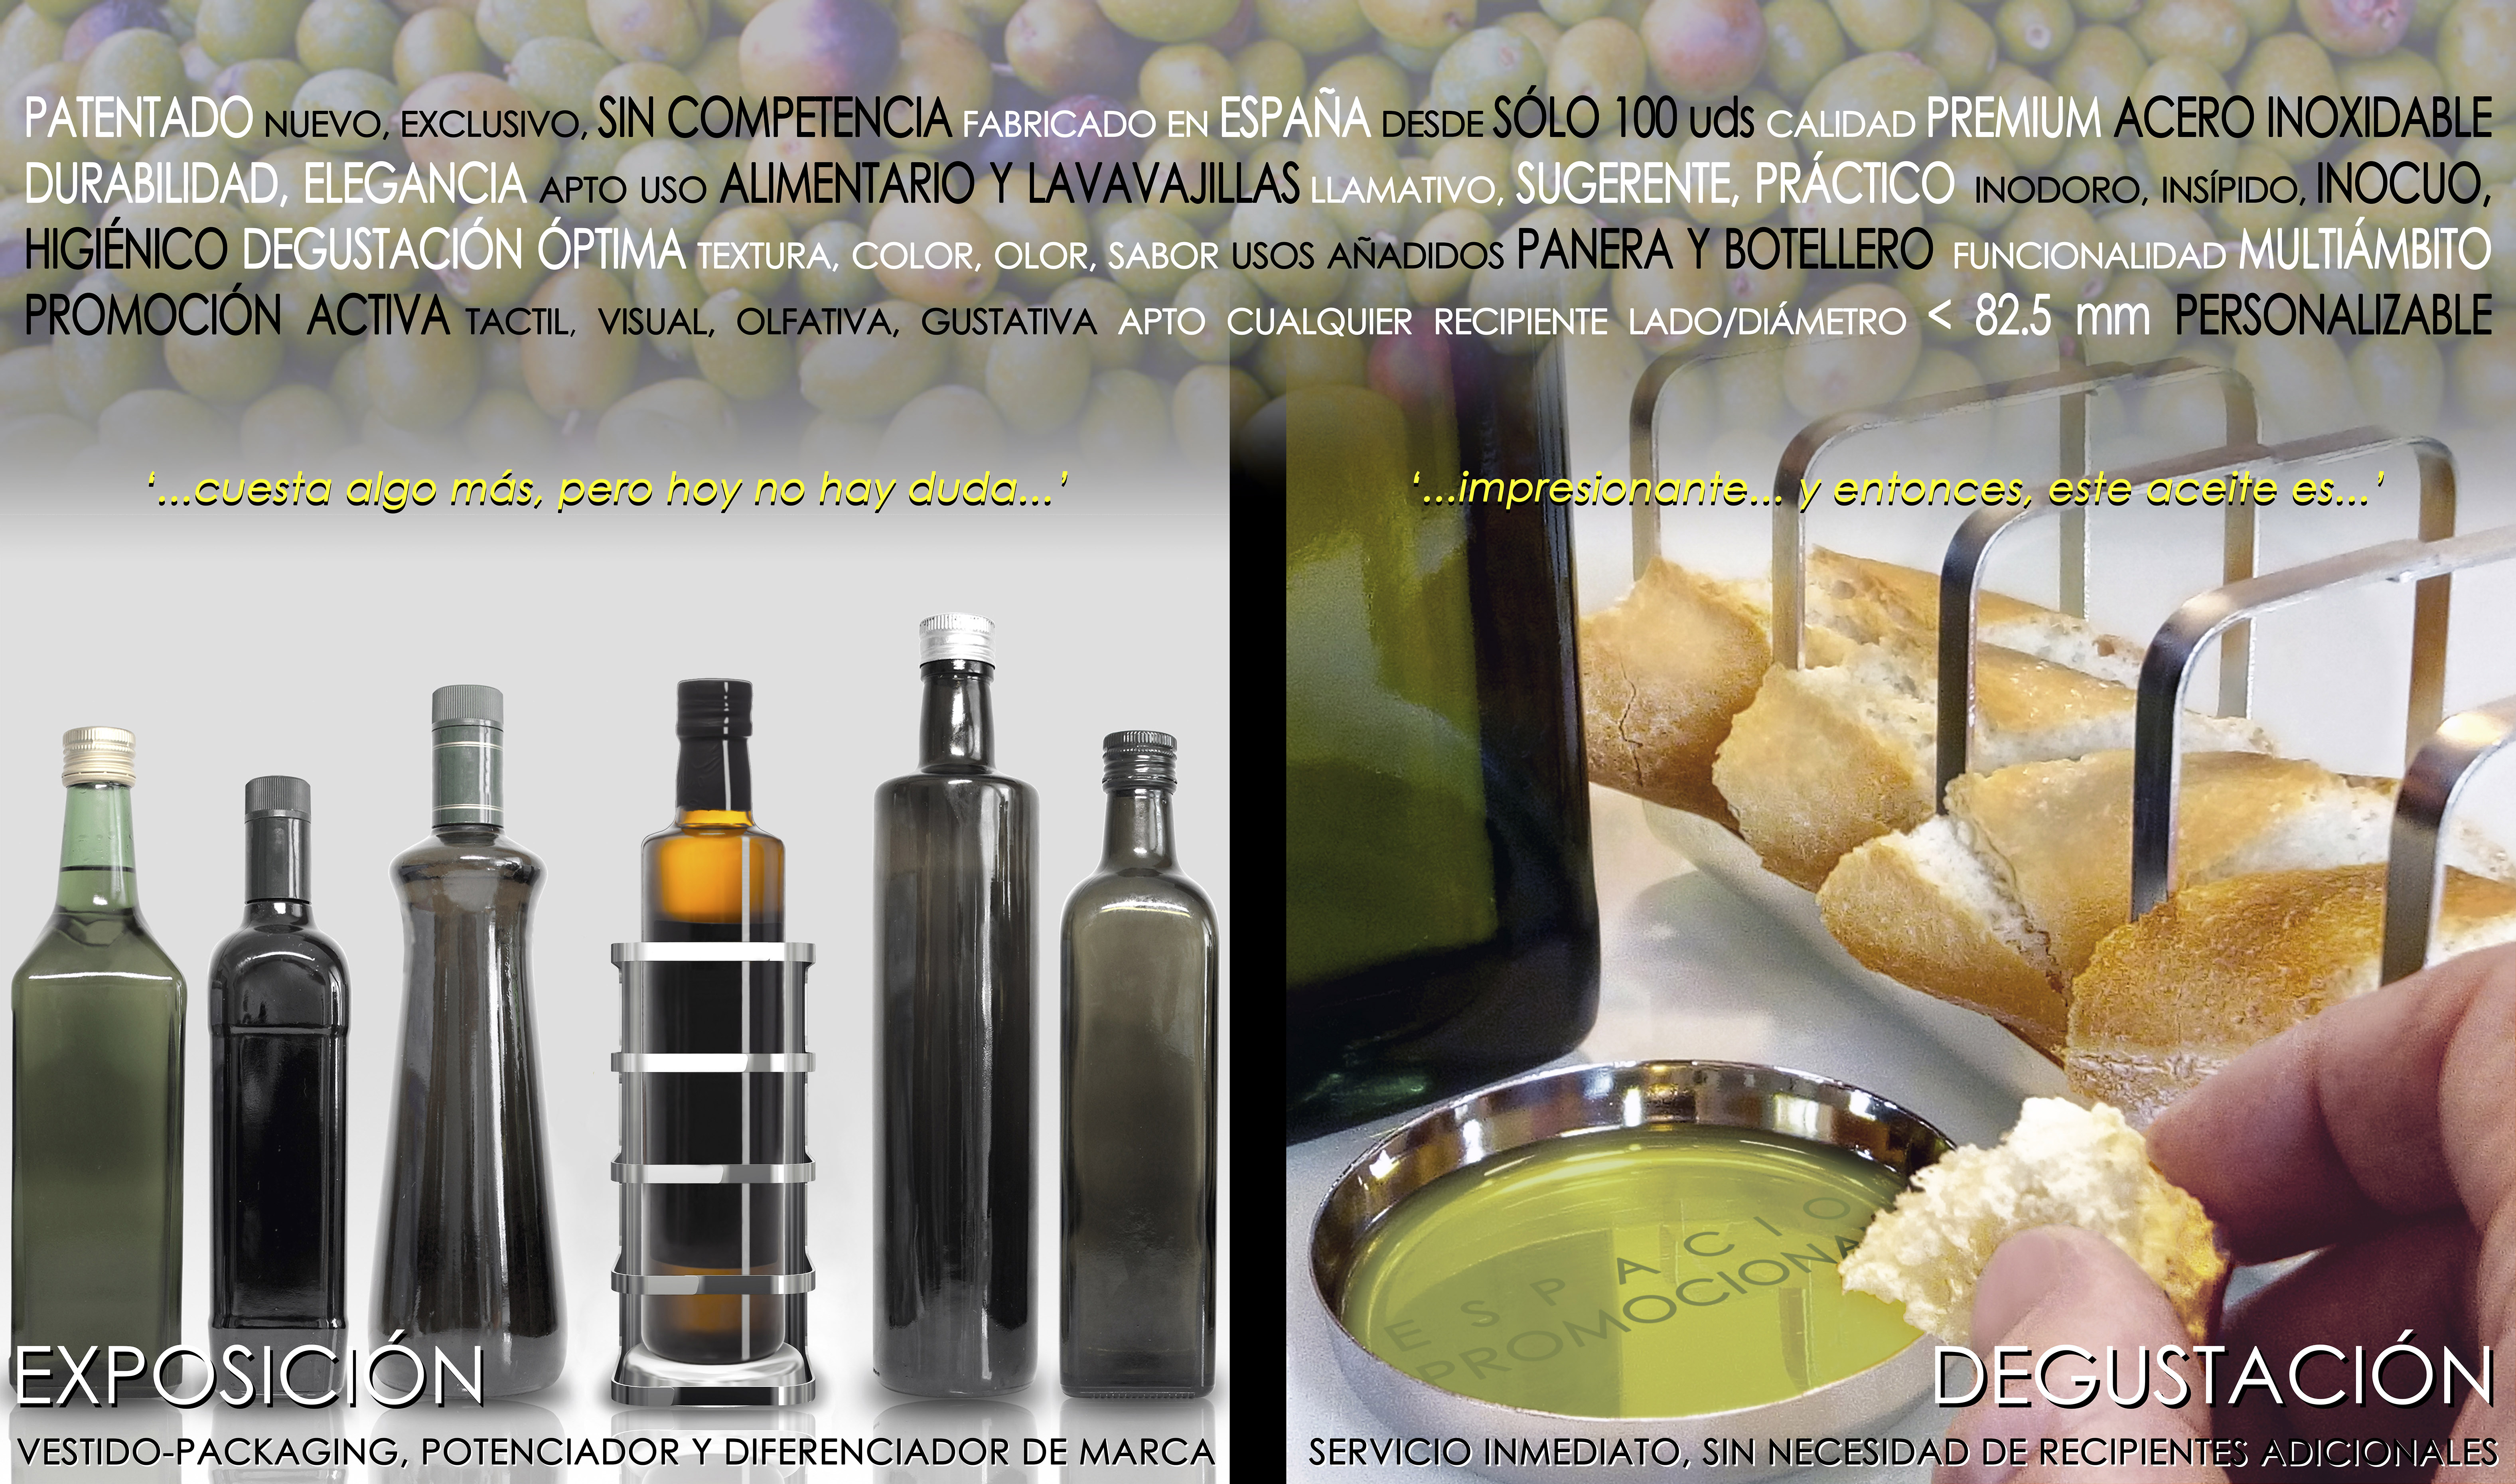 4-PRODUCTOS_03-EXPOSITOR-DEGUSTADOR-ACEITE-ACERO-INOXIDABLE_nuevo-exclusivo-patentado_resumen